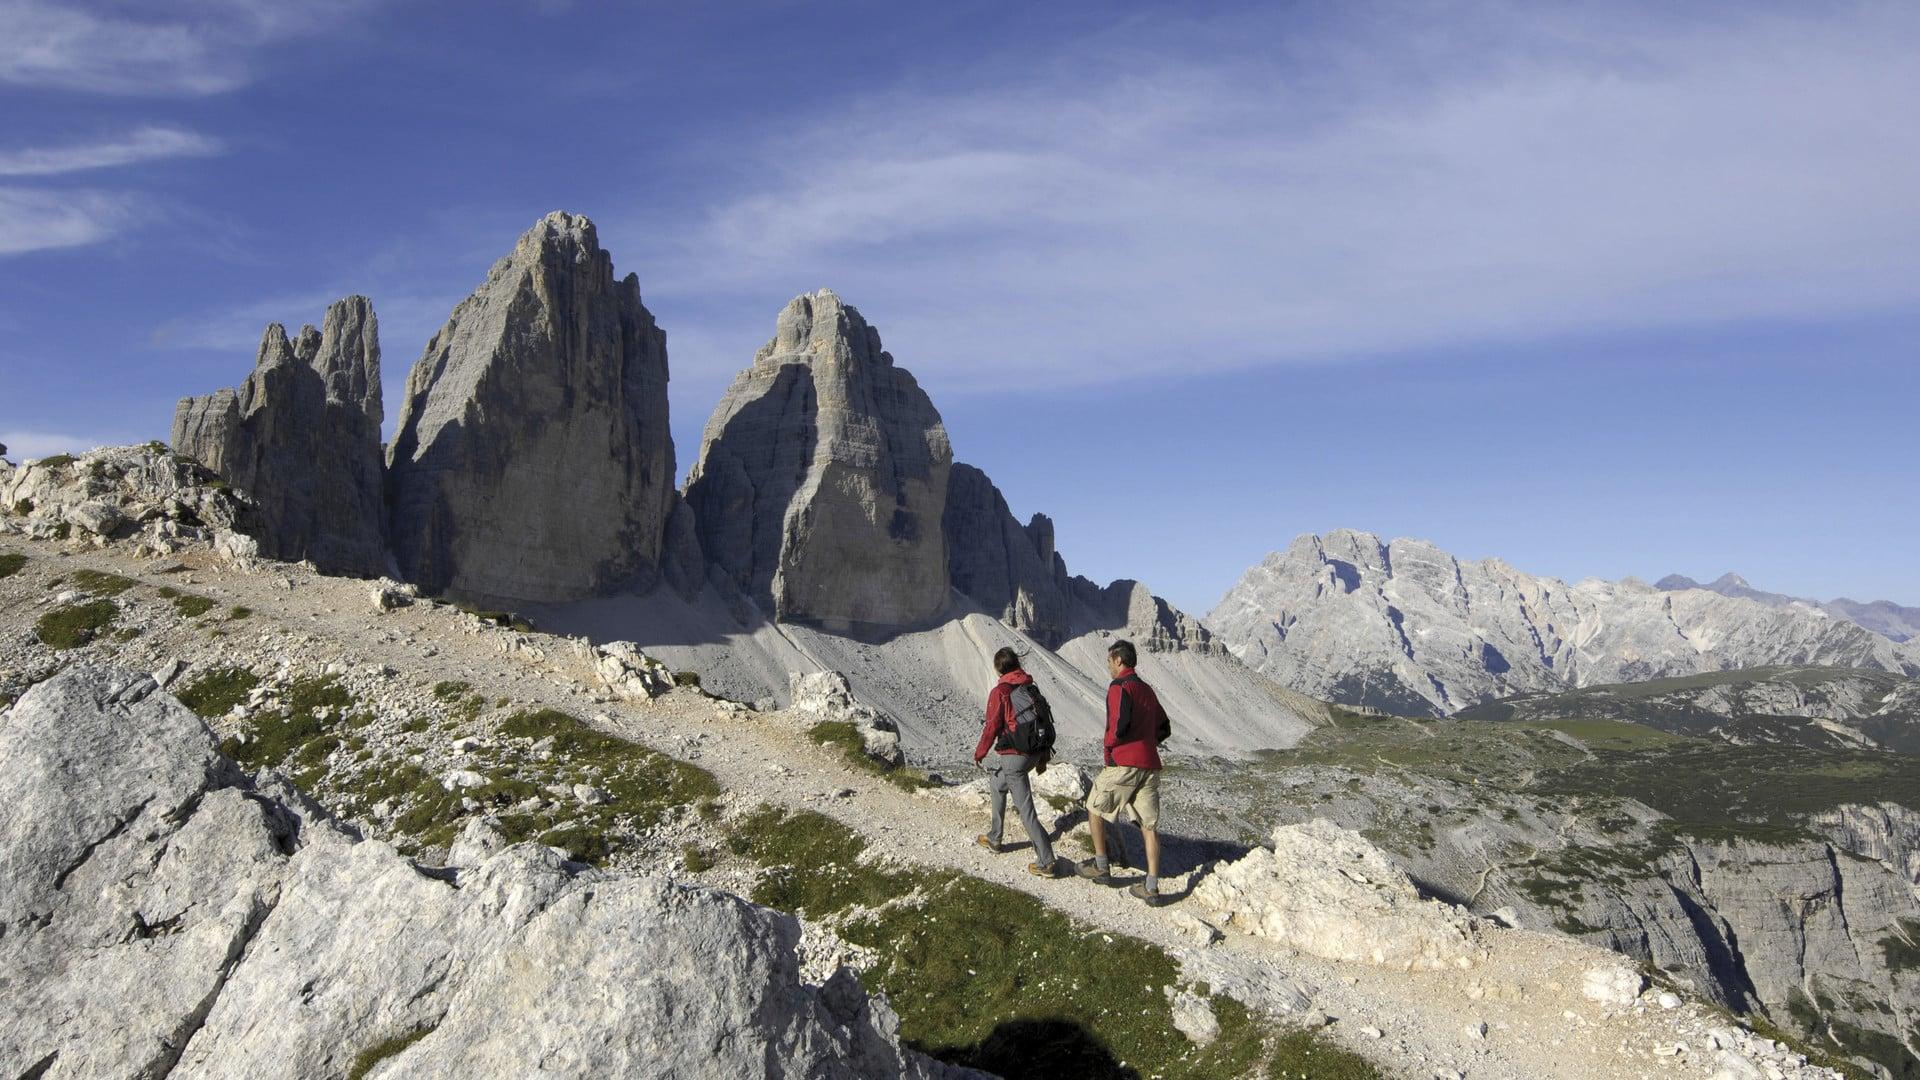 """""""Camminare è il modo più completo di spostarsi se si vuole scoprire la vita vera."""" (Elizabeth von Arnim)"""